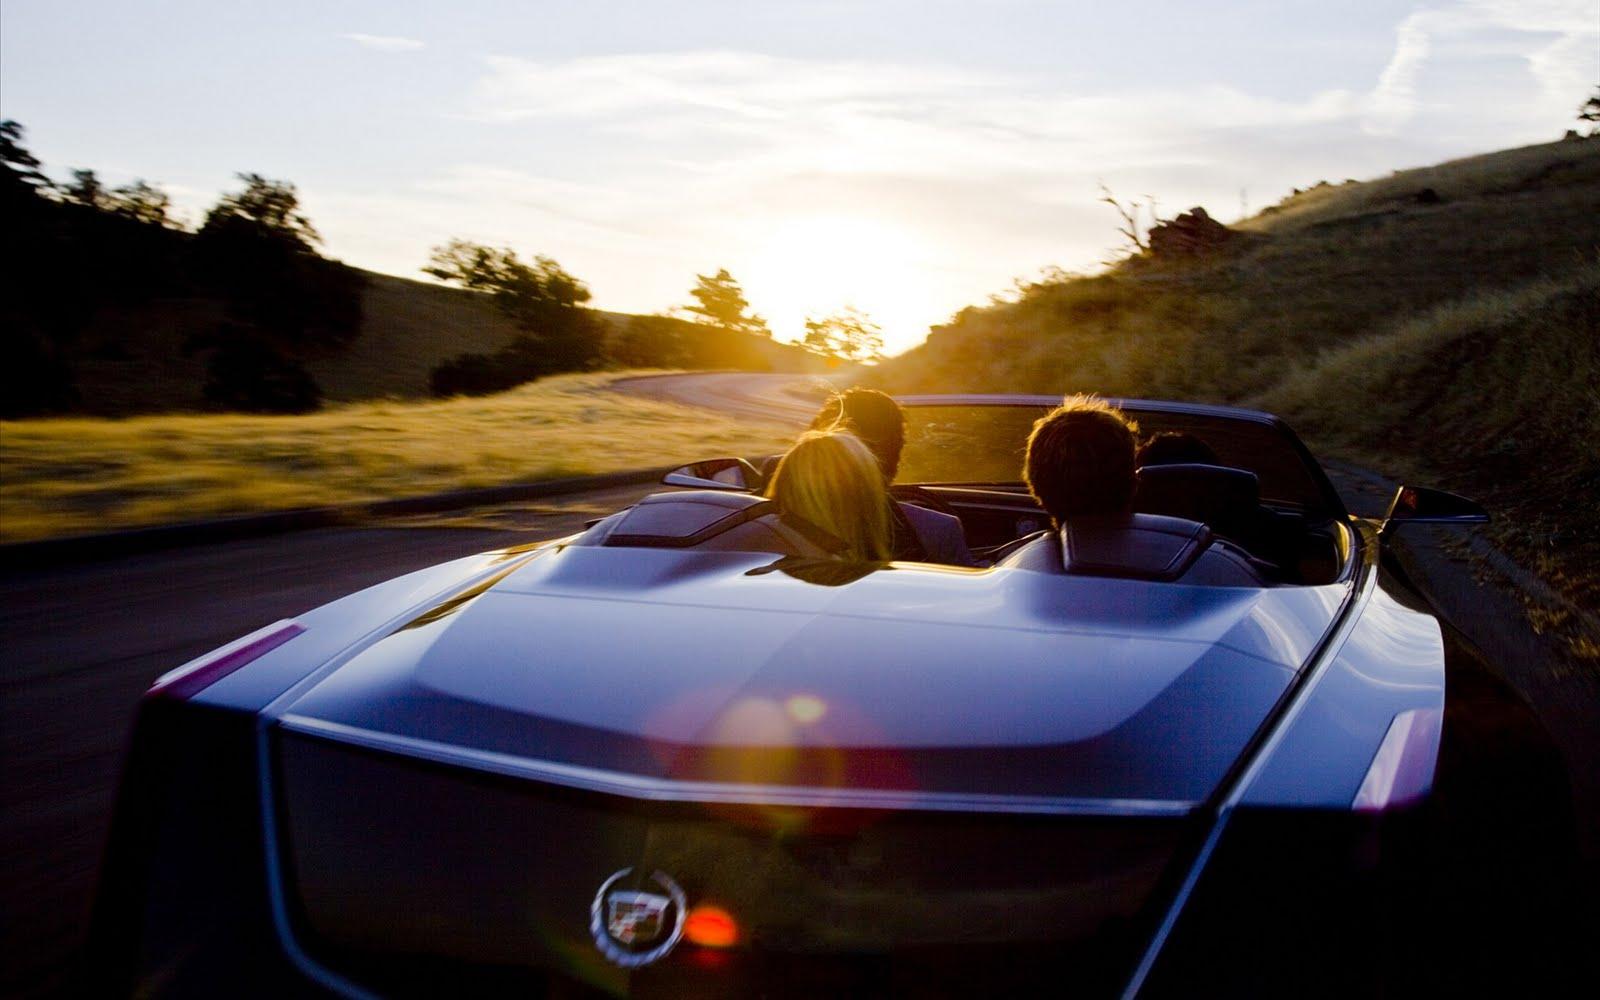 http://3.bp.blogspot.com/-9VX1Mv_6op4/TlFmEMcTKRI/AAAAAAAAAxE/ldAvP-p63nc/s1600/Cadillac-Ciel-Concept-2011-widescreen-02.jpg